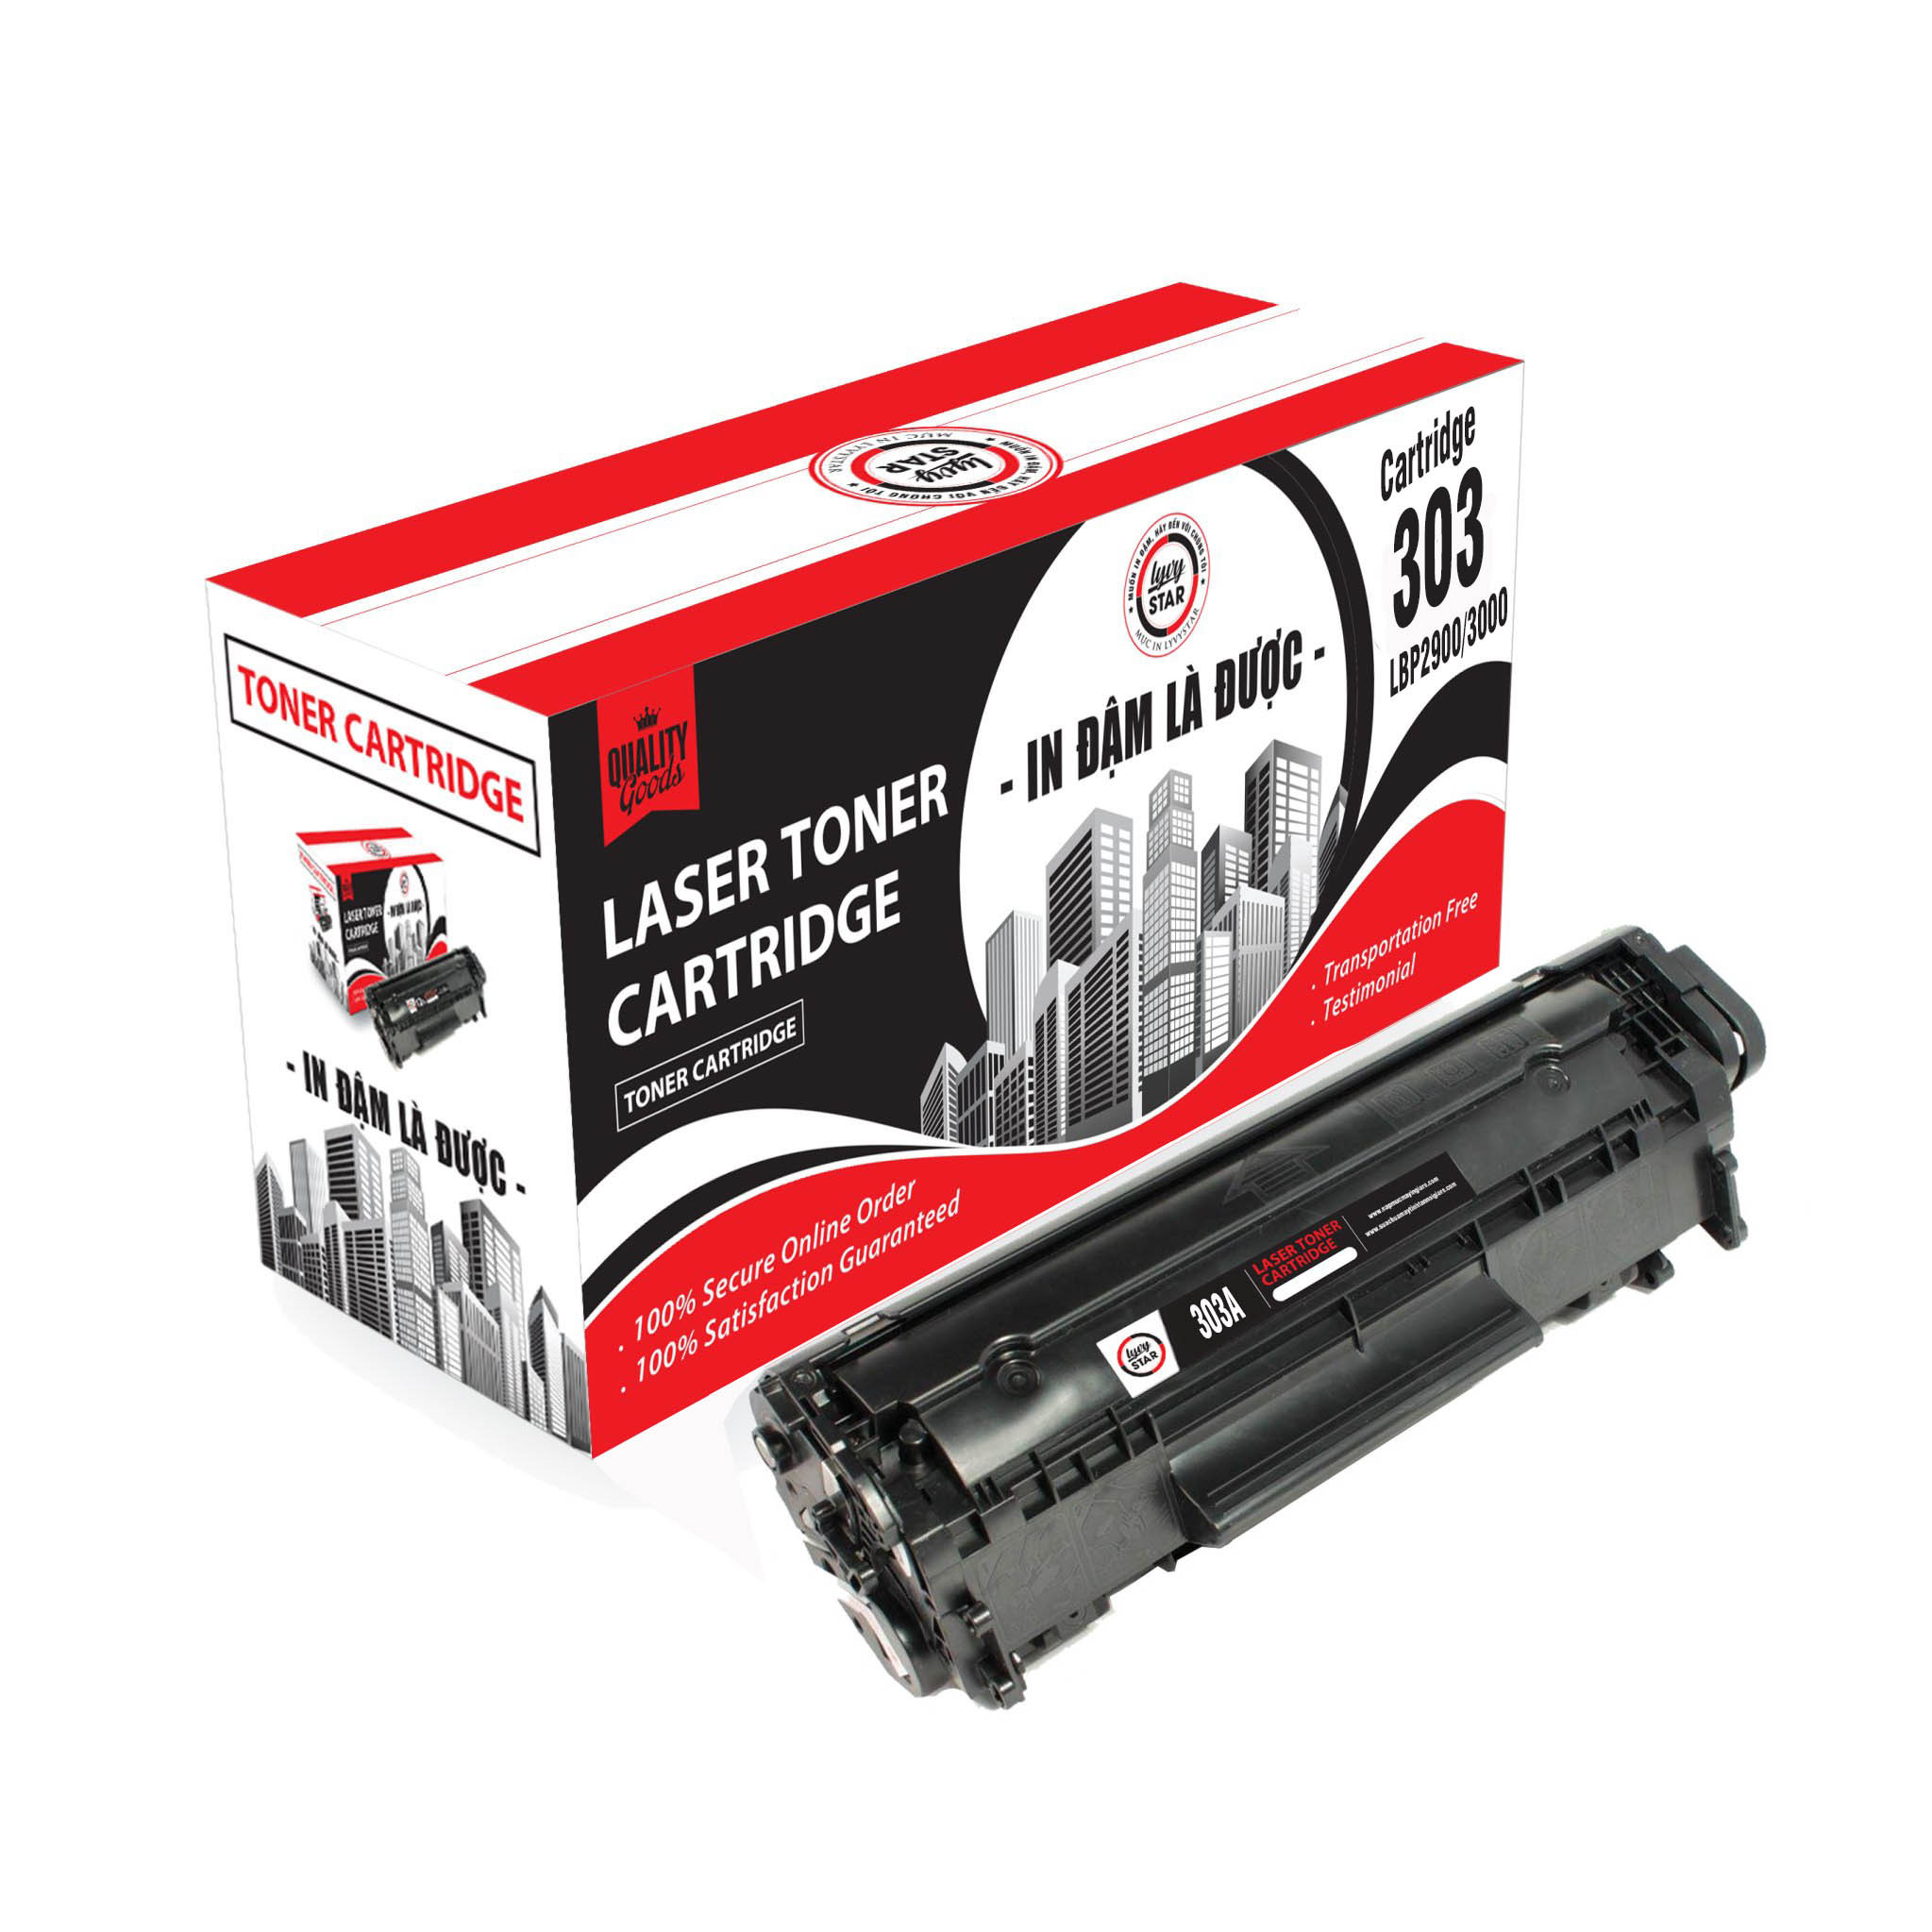 Hộp mực Lyvystar cartridge 303/103/703 sử dung cho máy in Canon 2900/3000 Hàng chính hãng